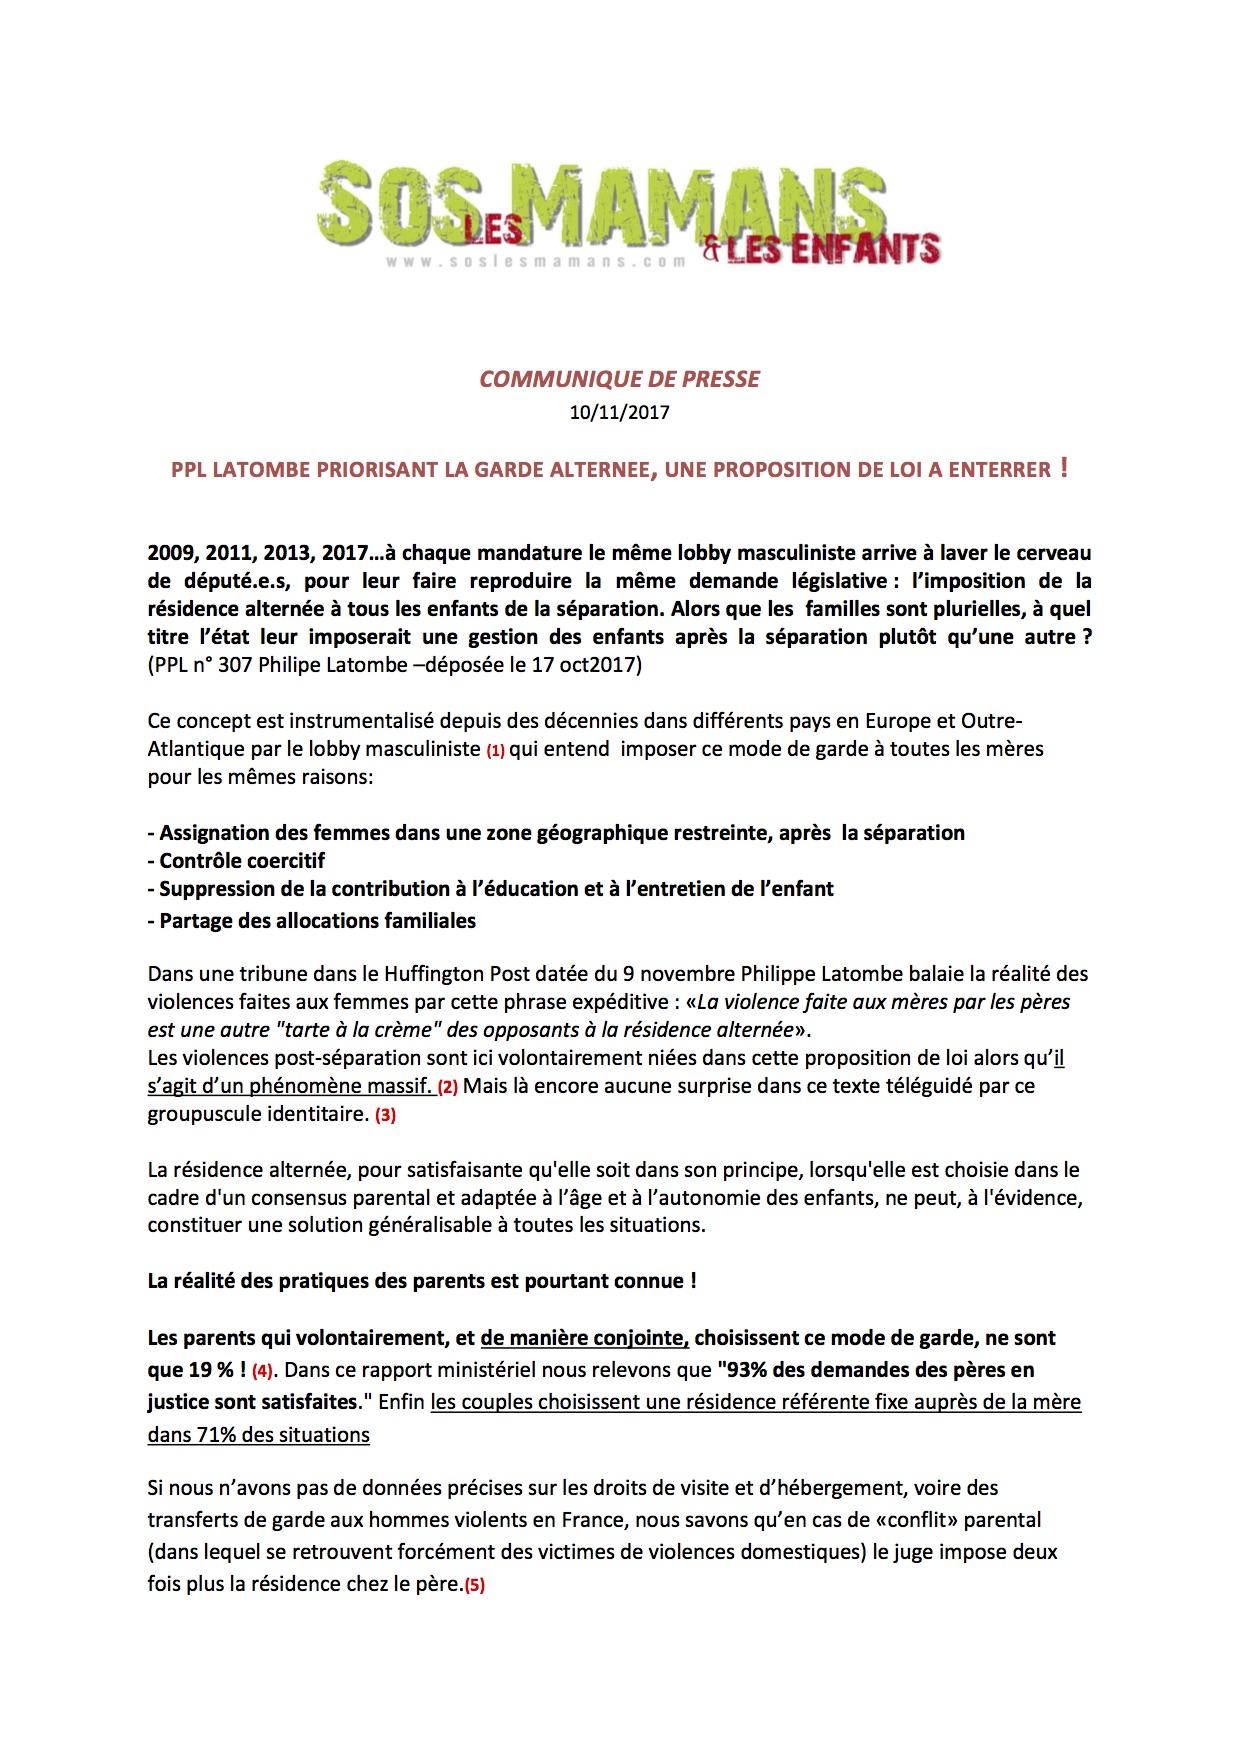 Connu Communiqué de presse du CNDF contre la proposition de loi 307 sur  XH91